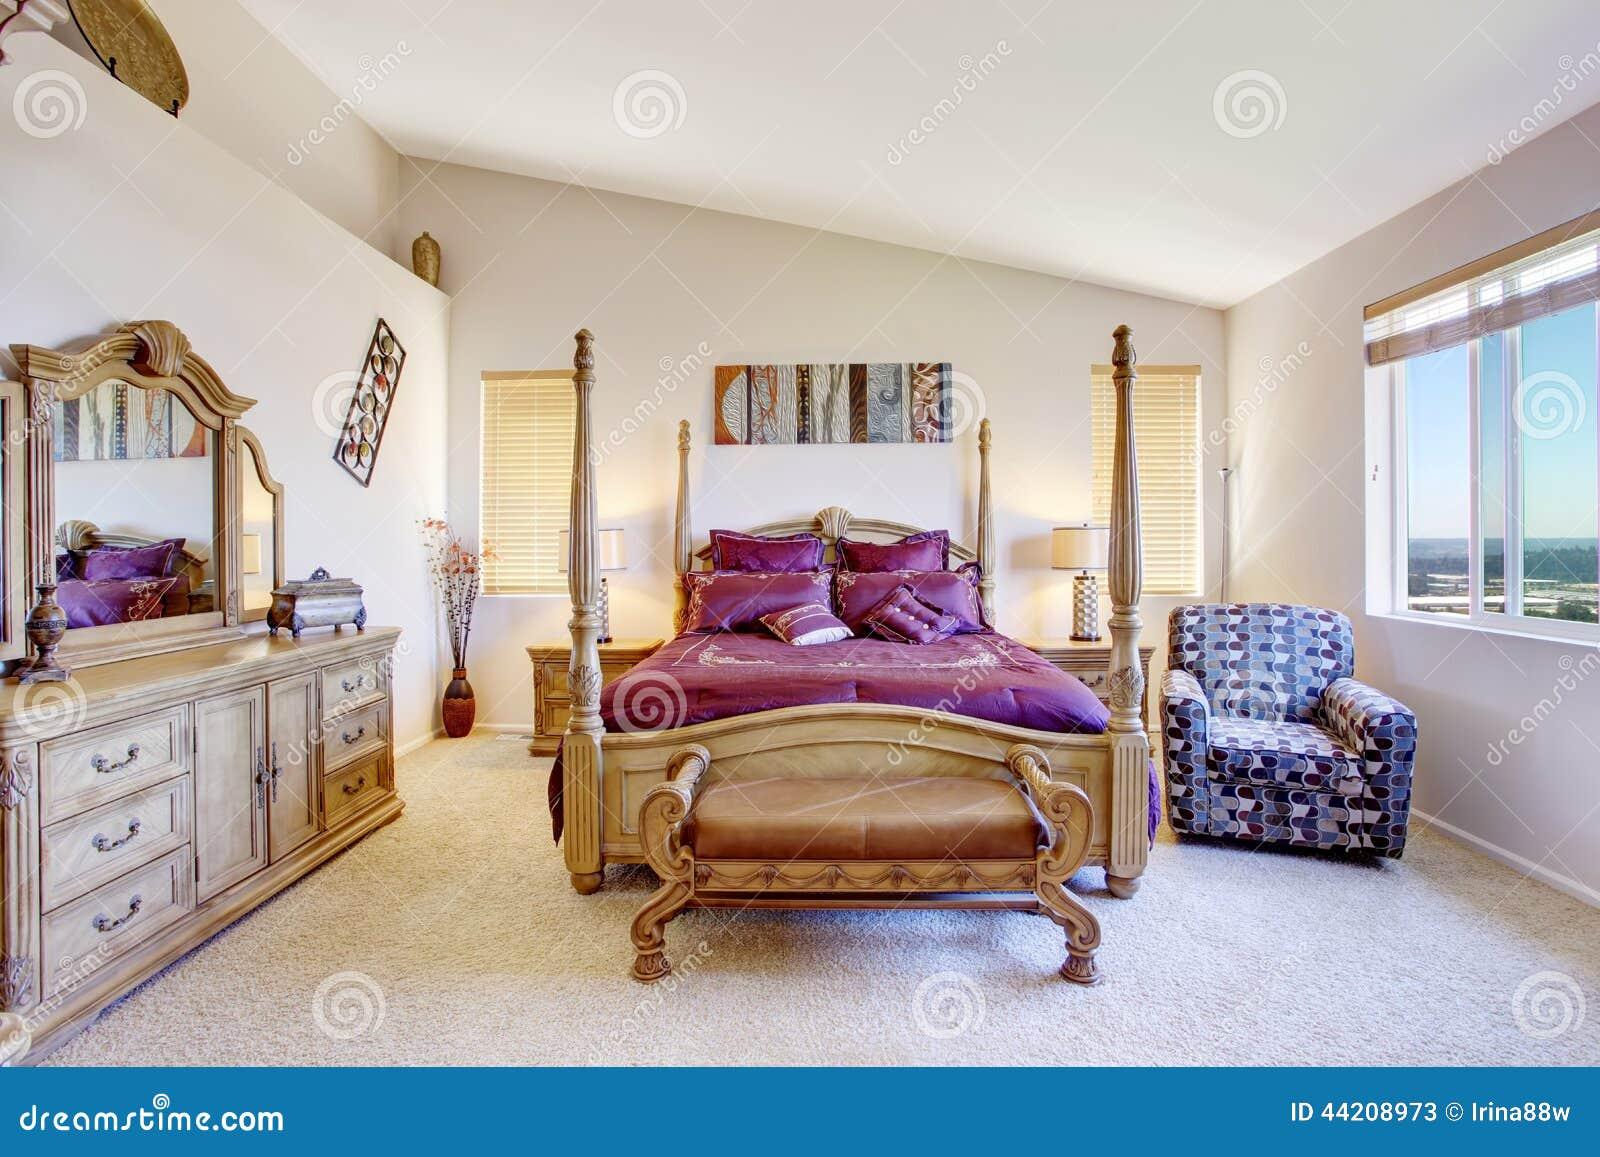 Chambre coucher de luxe avec les meubles en bois Les chambre a coucher en bois